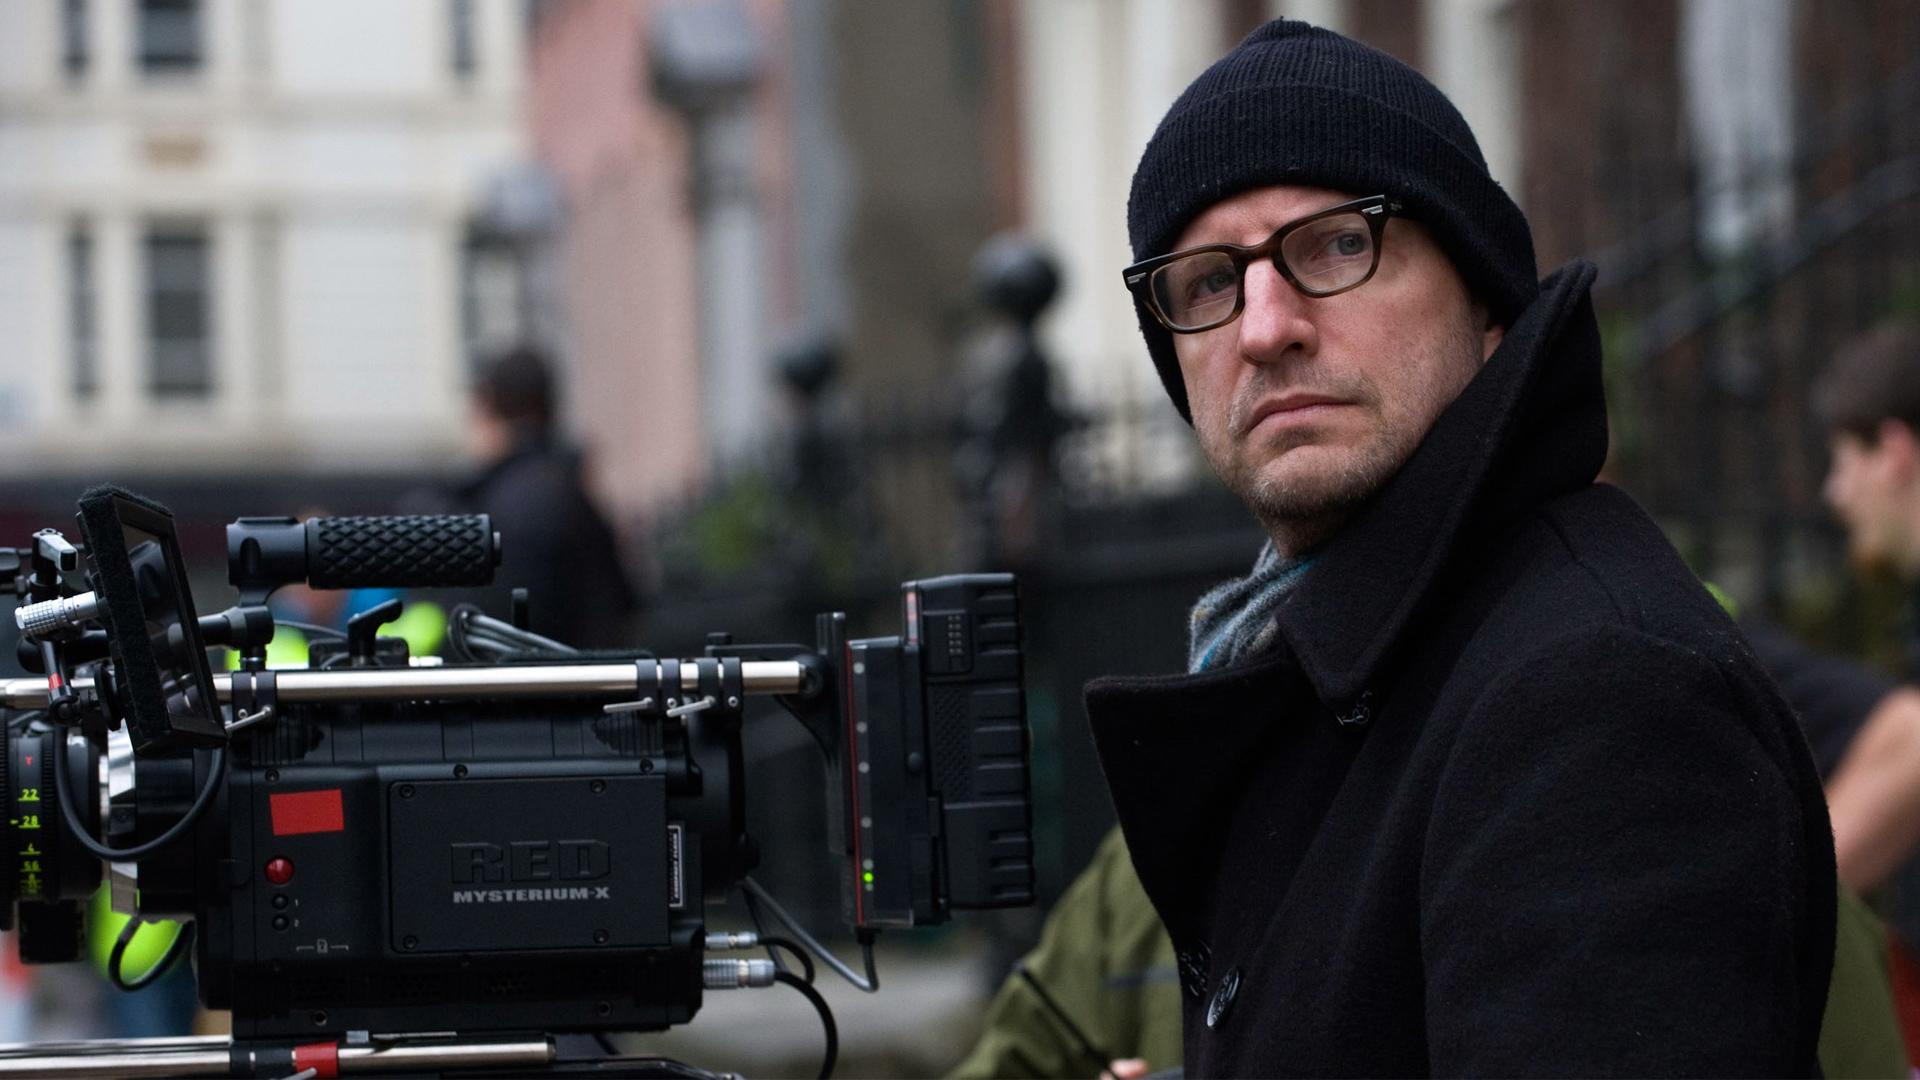 iPhoneで映画を撮る - 迫りくる現実